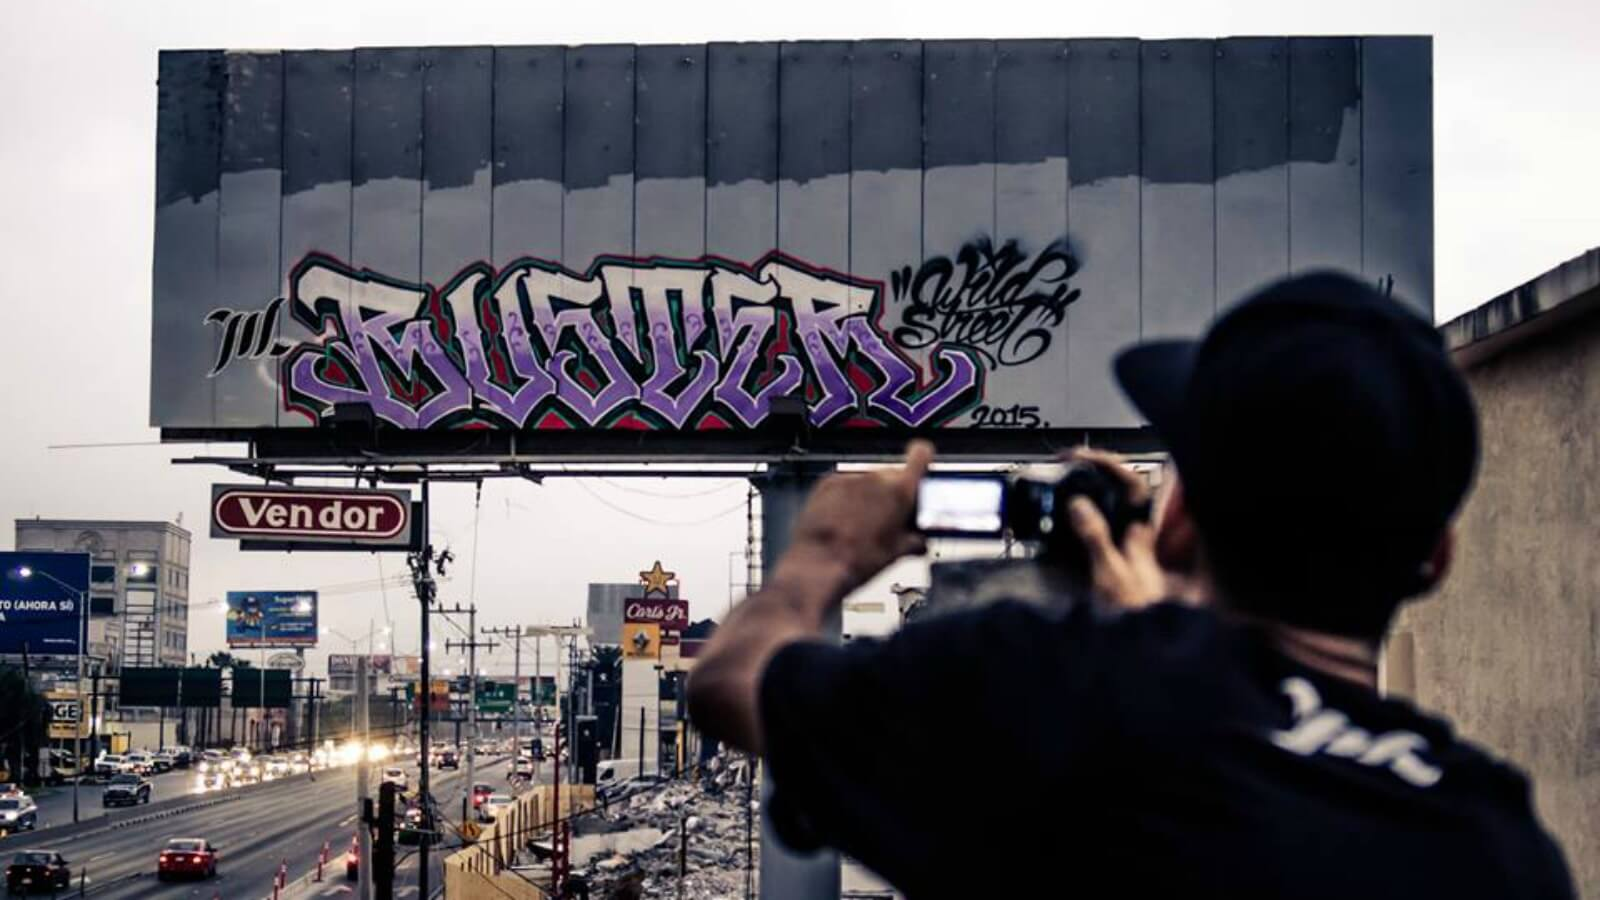 ¡Nuevo capítulo de Wild Street: Buster en Monterrey! ?